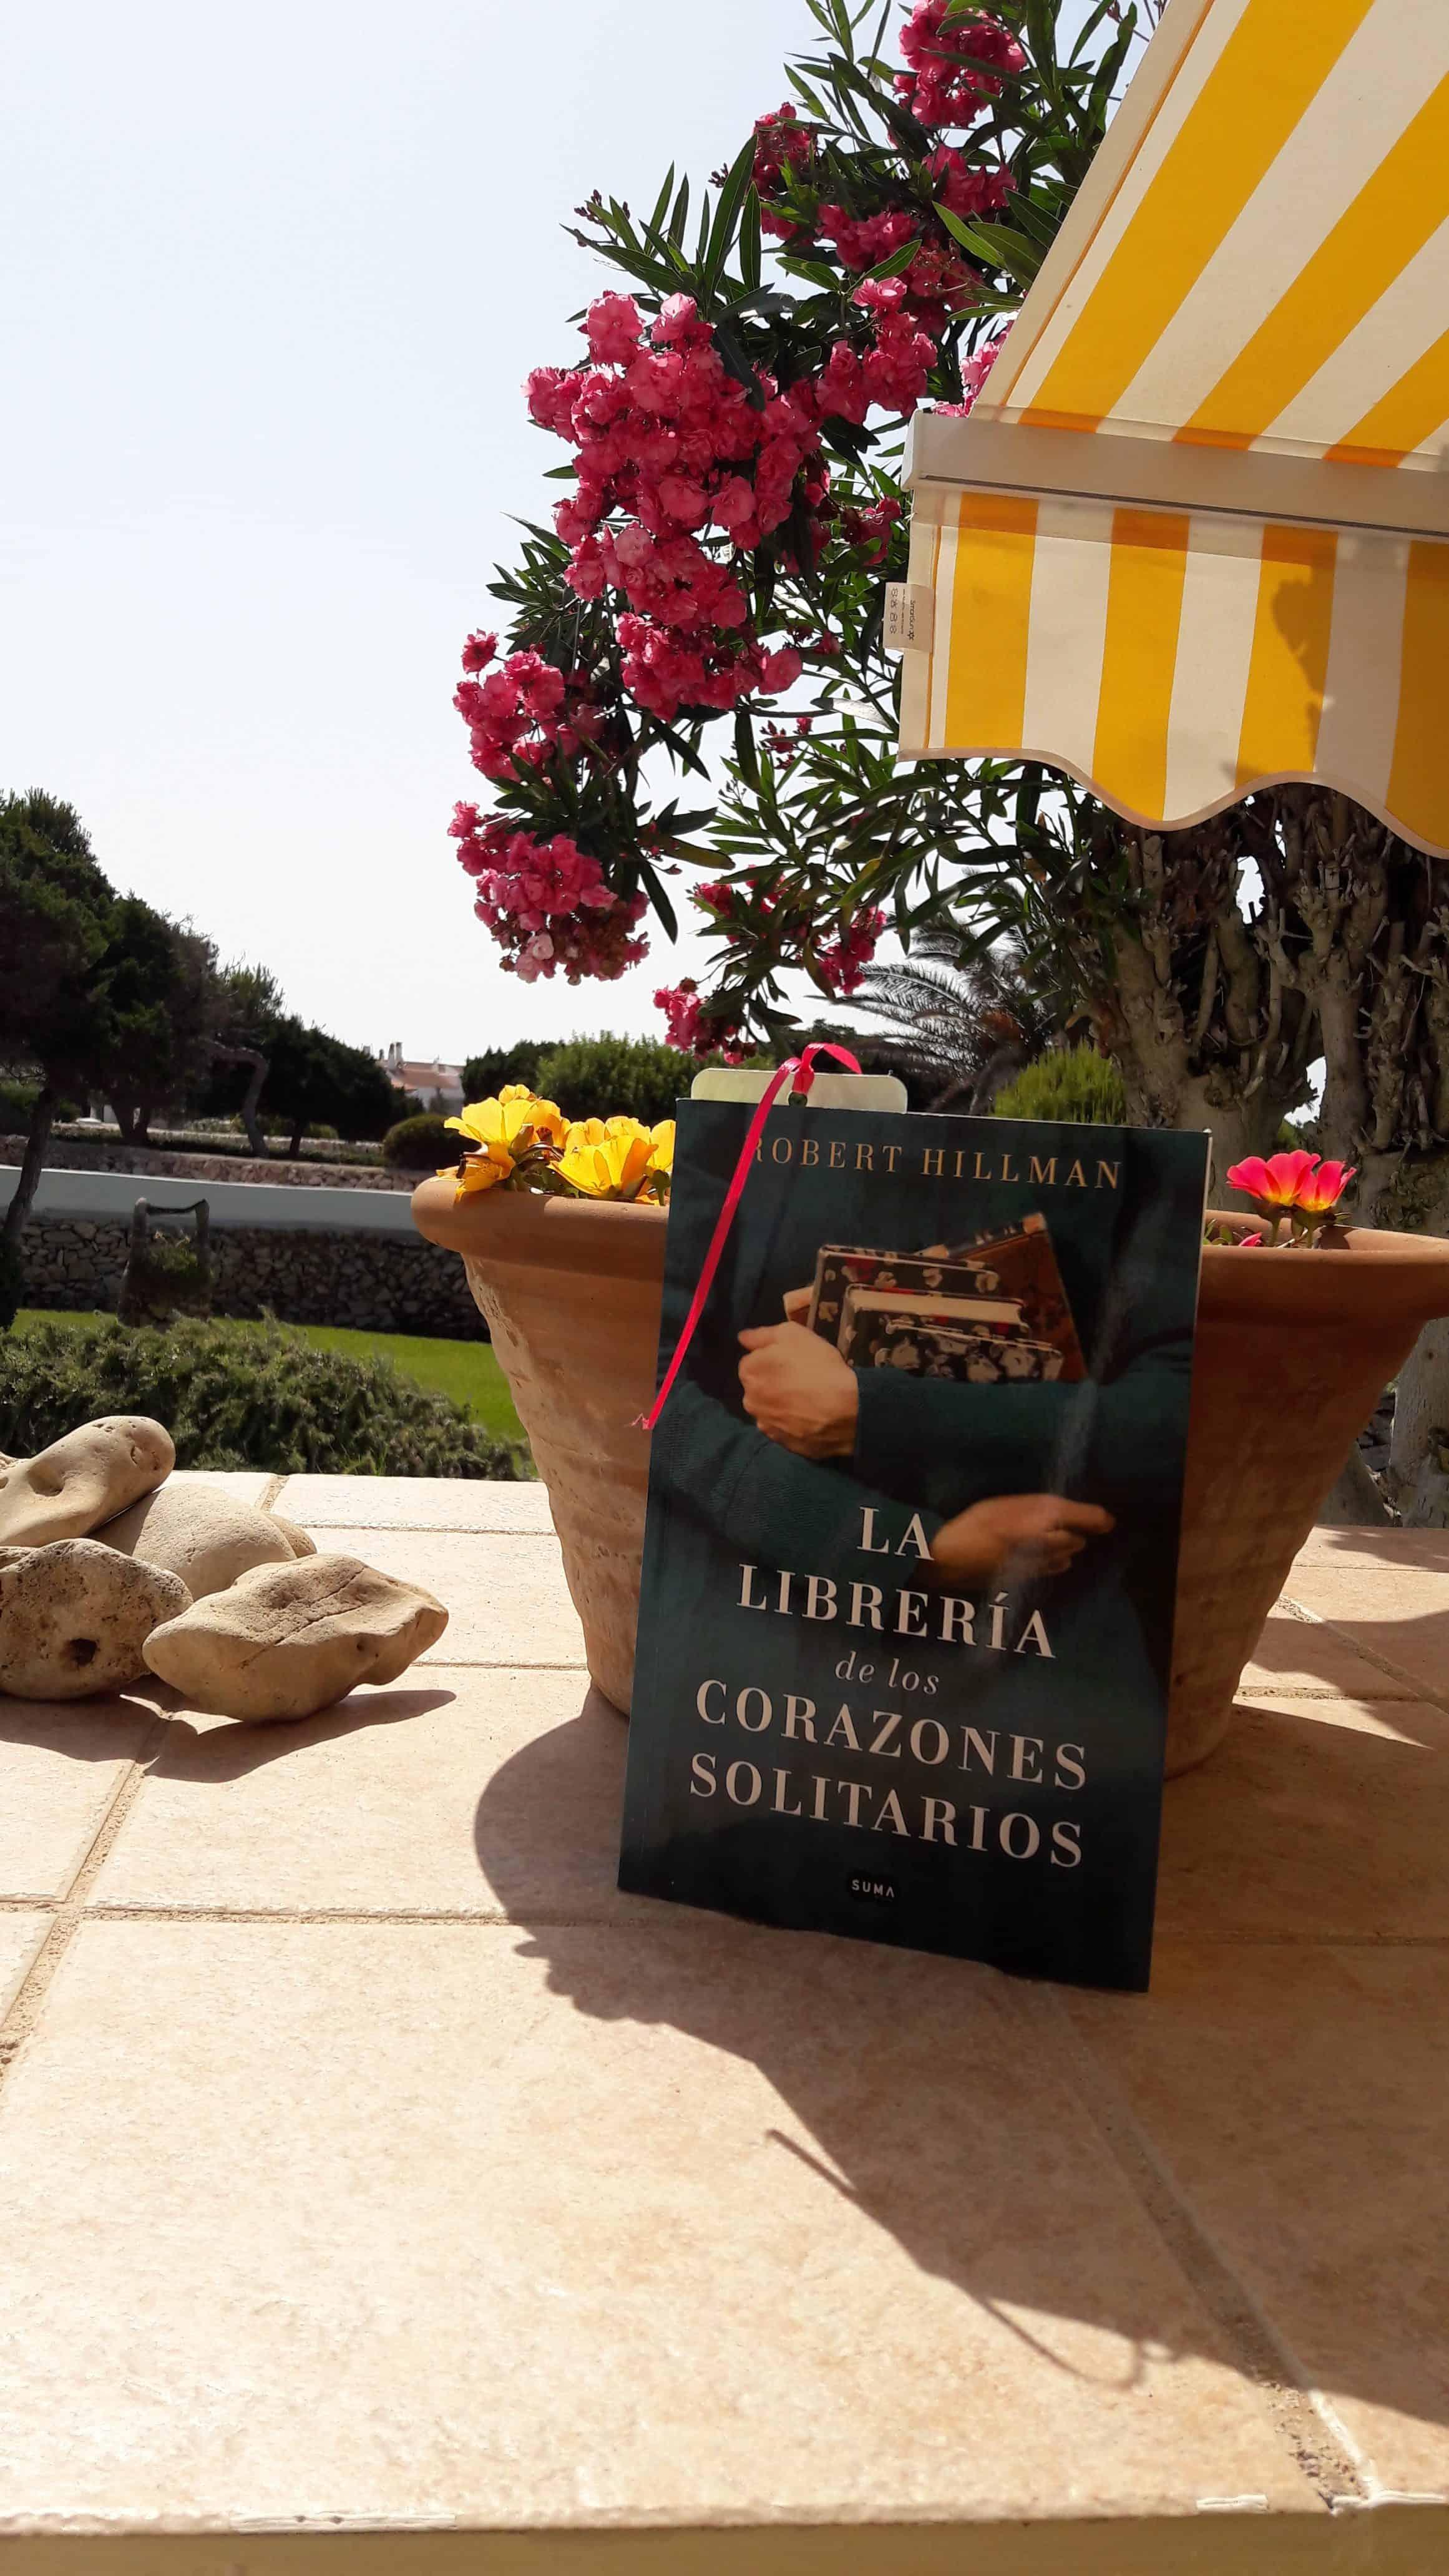 «LA LIBRERÍA DE LOS CORAZONES SOLITARIOS», de Robert Hillman